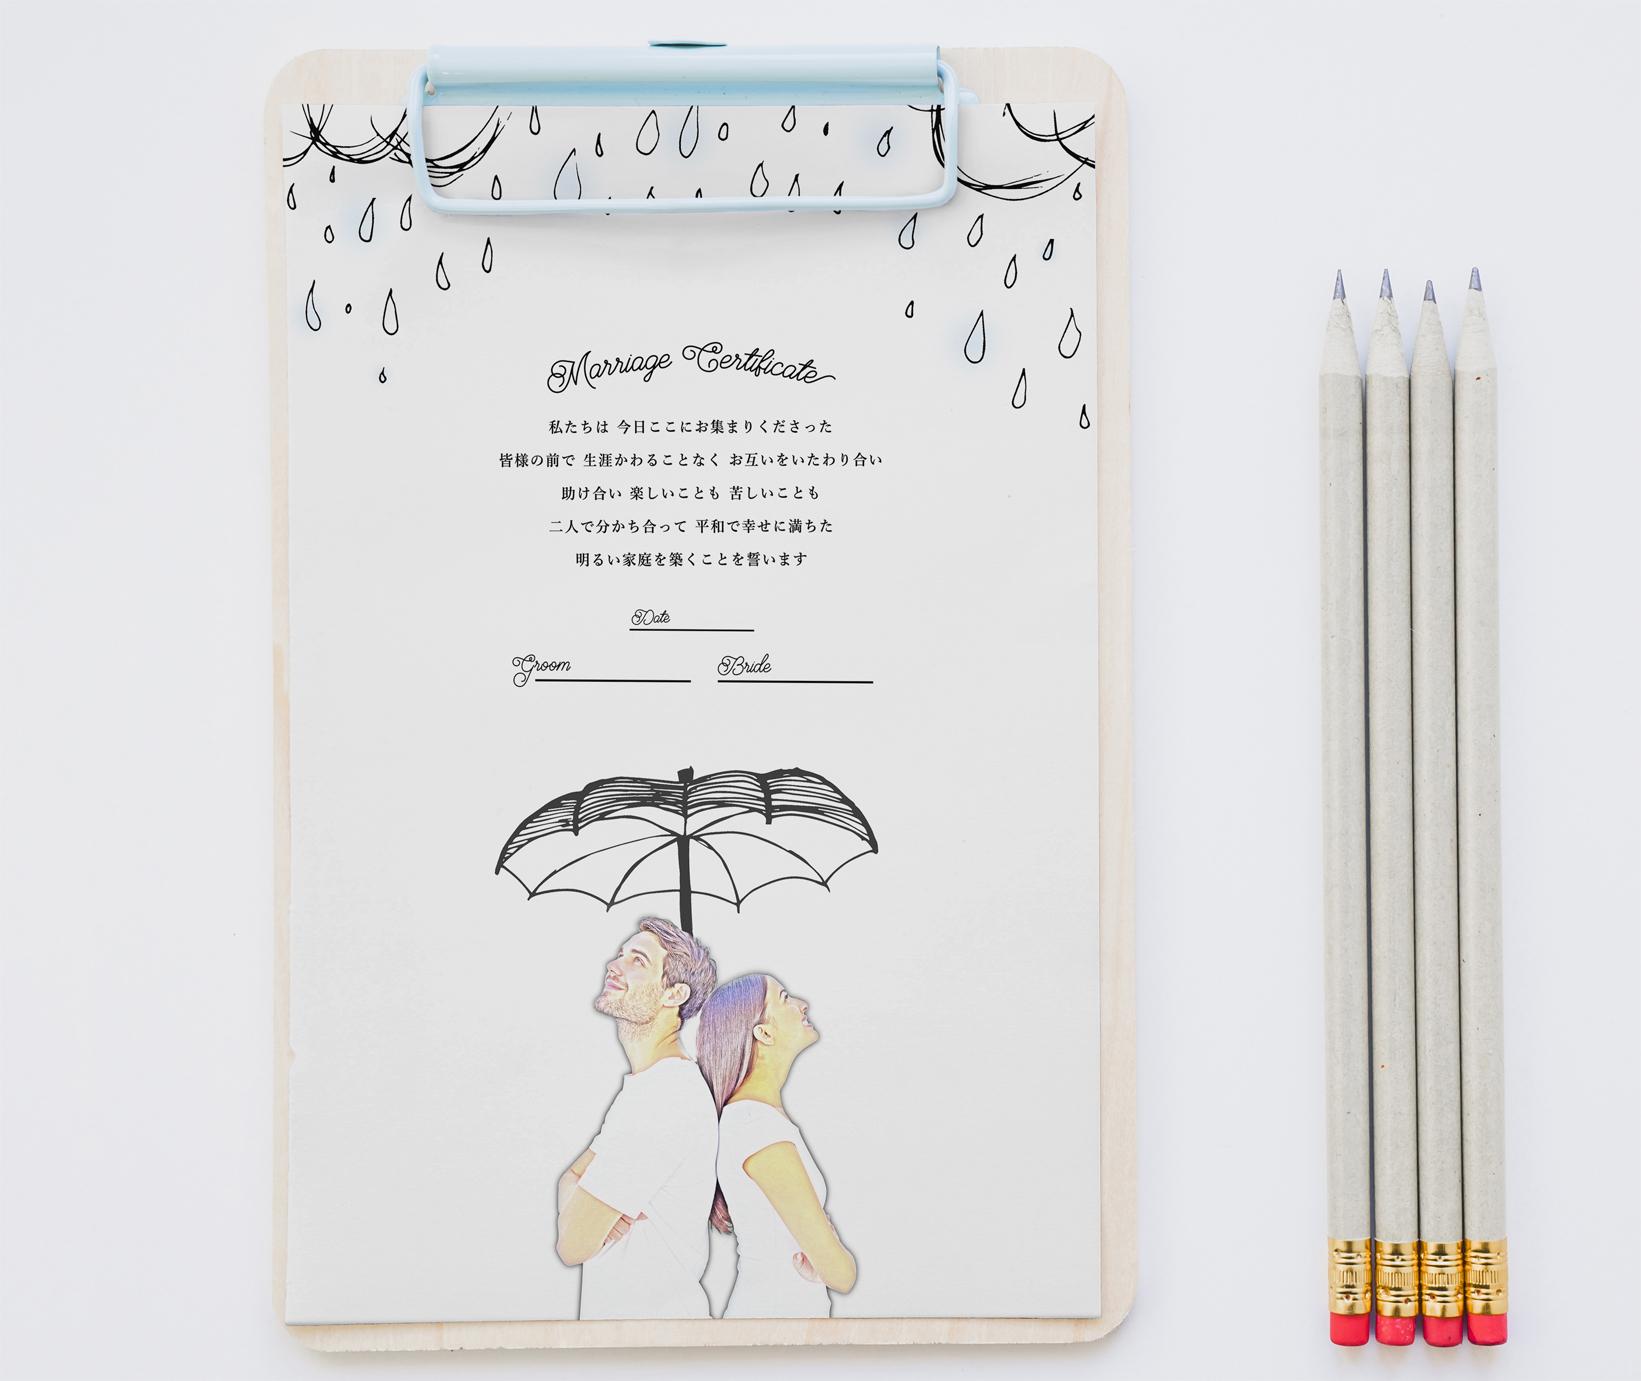 【雨にもマケズ】ウェディングツリー│結婚証明書